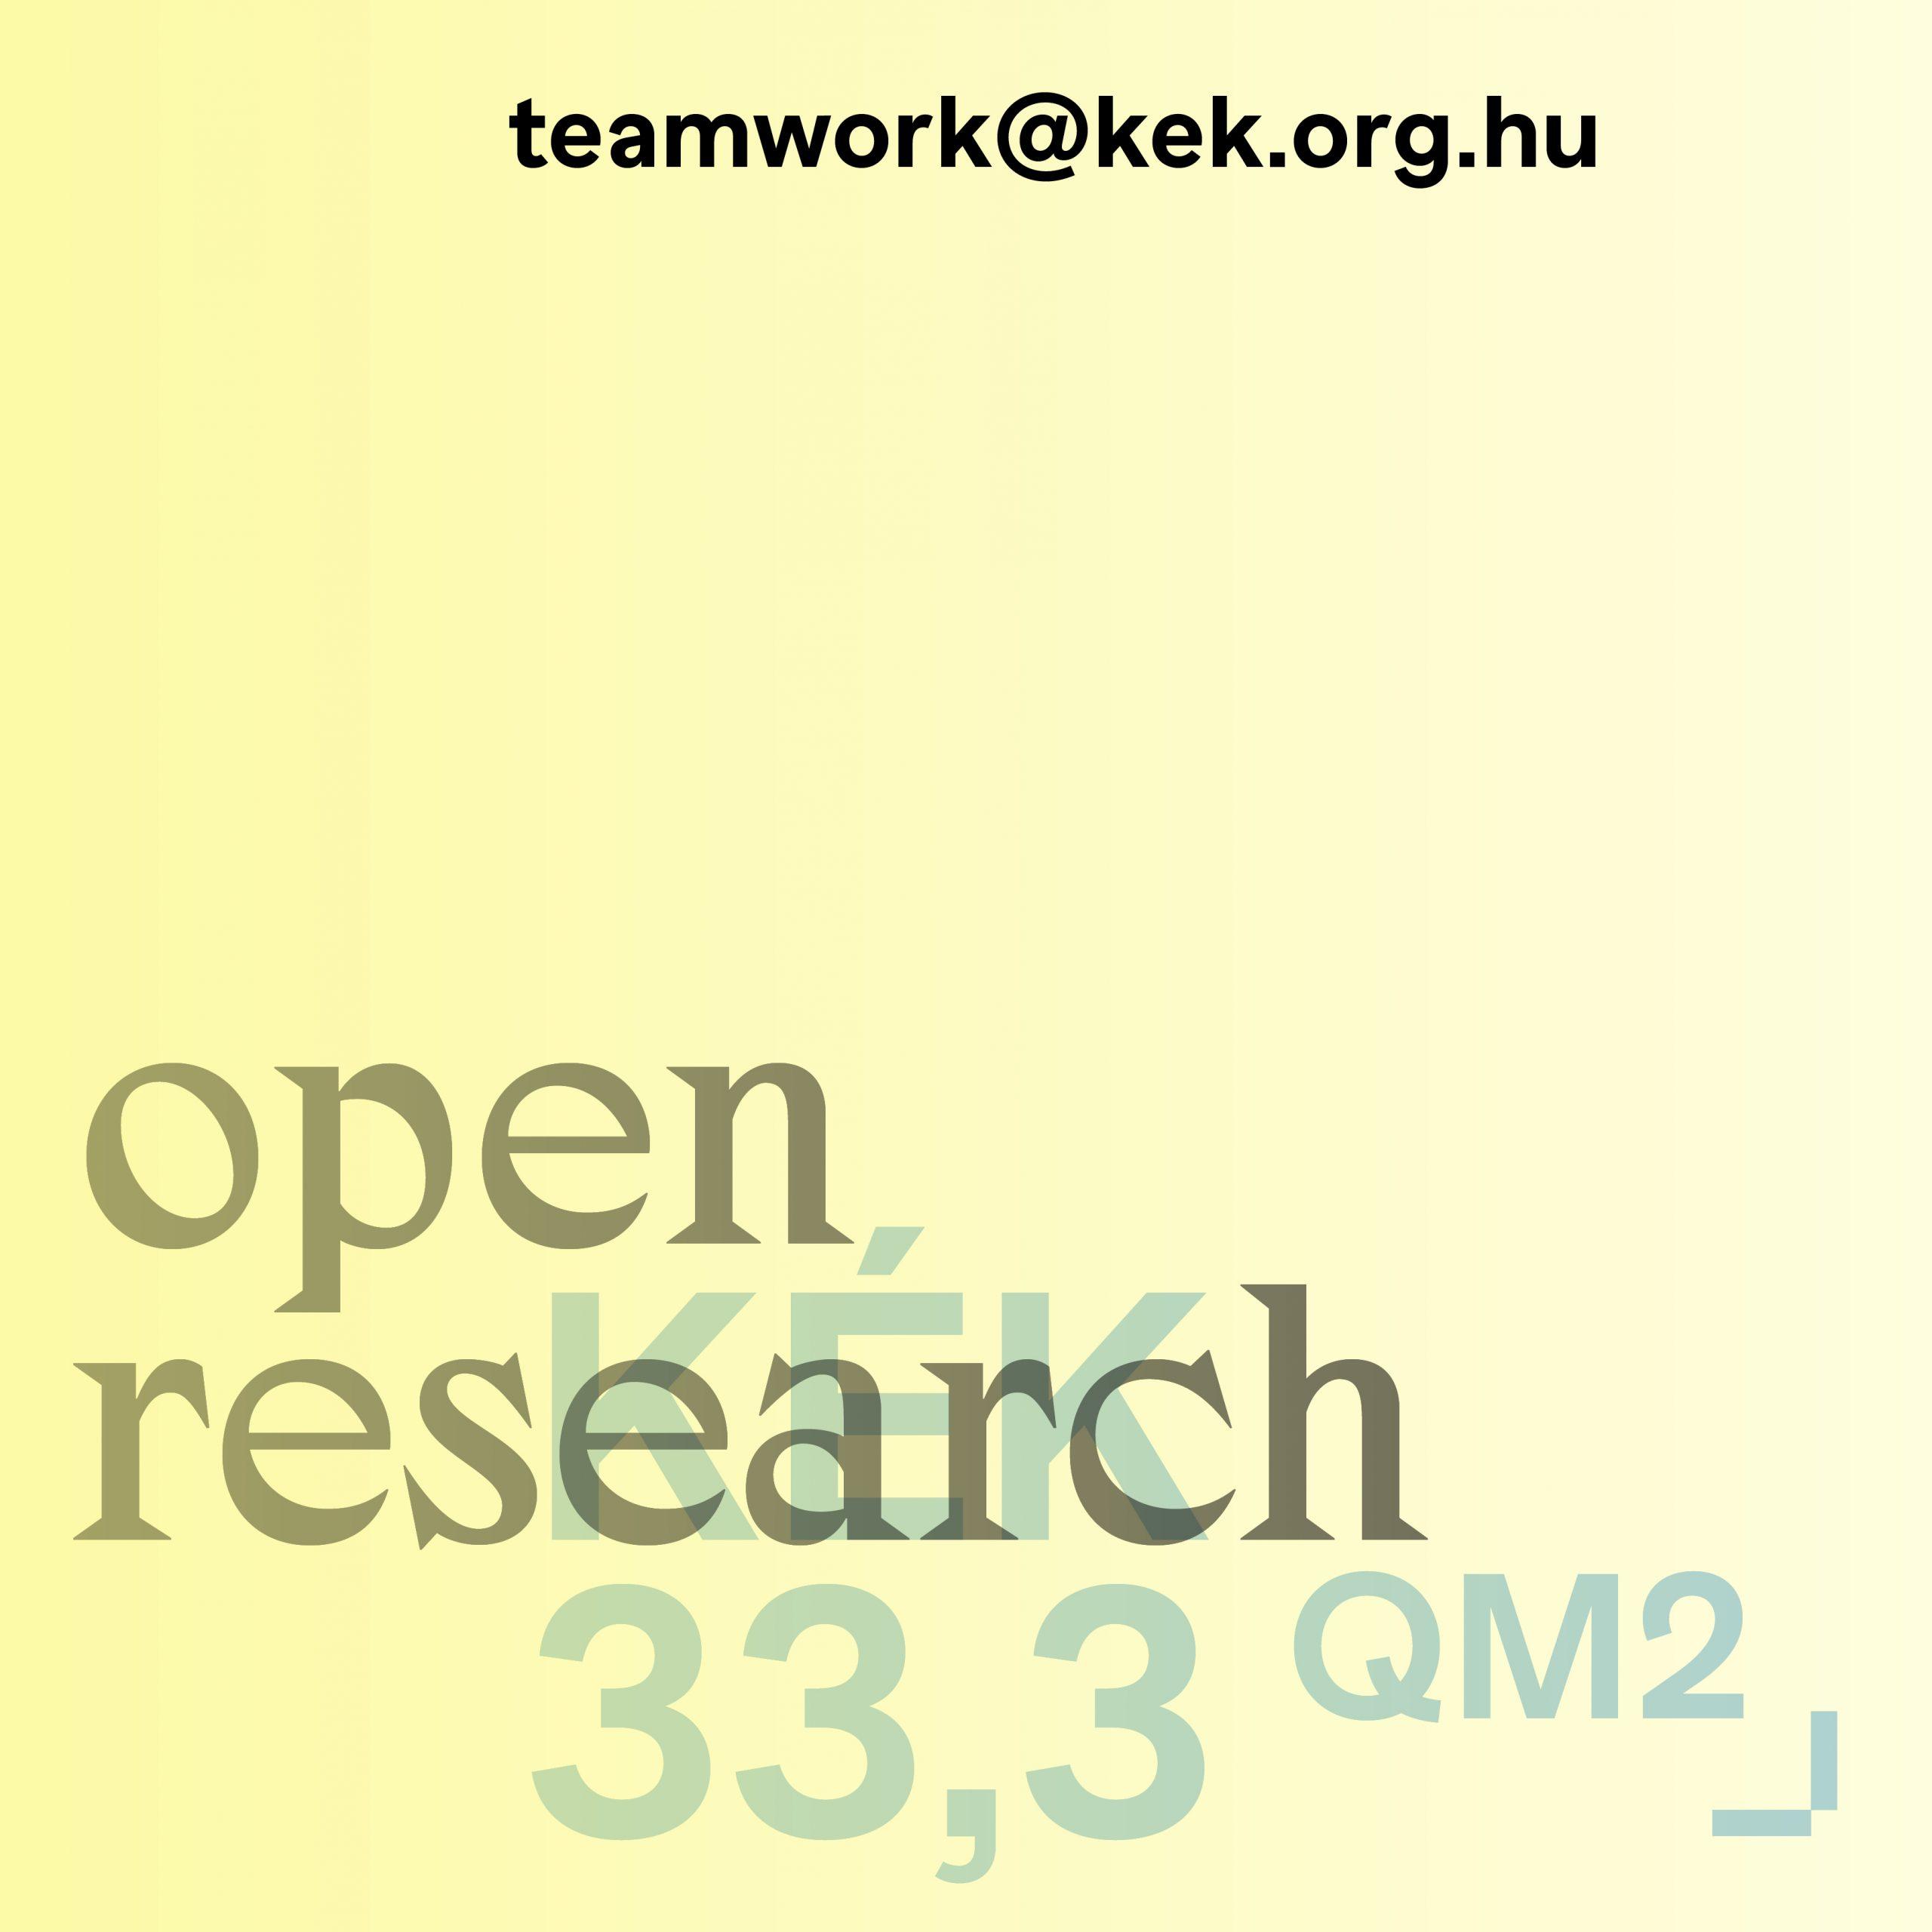 teamwork_visuals20